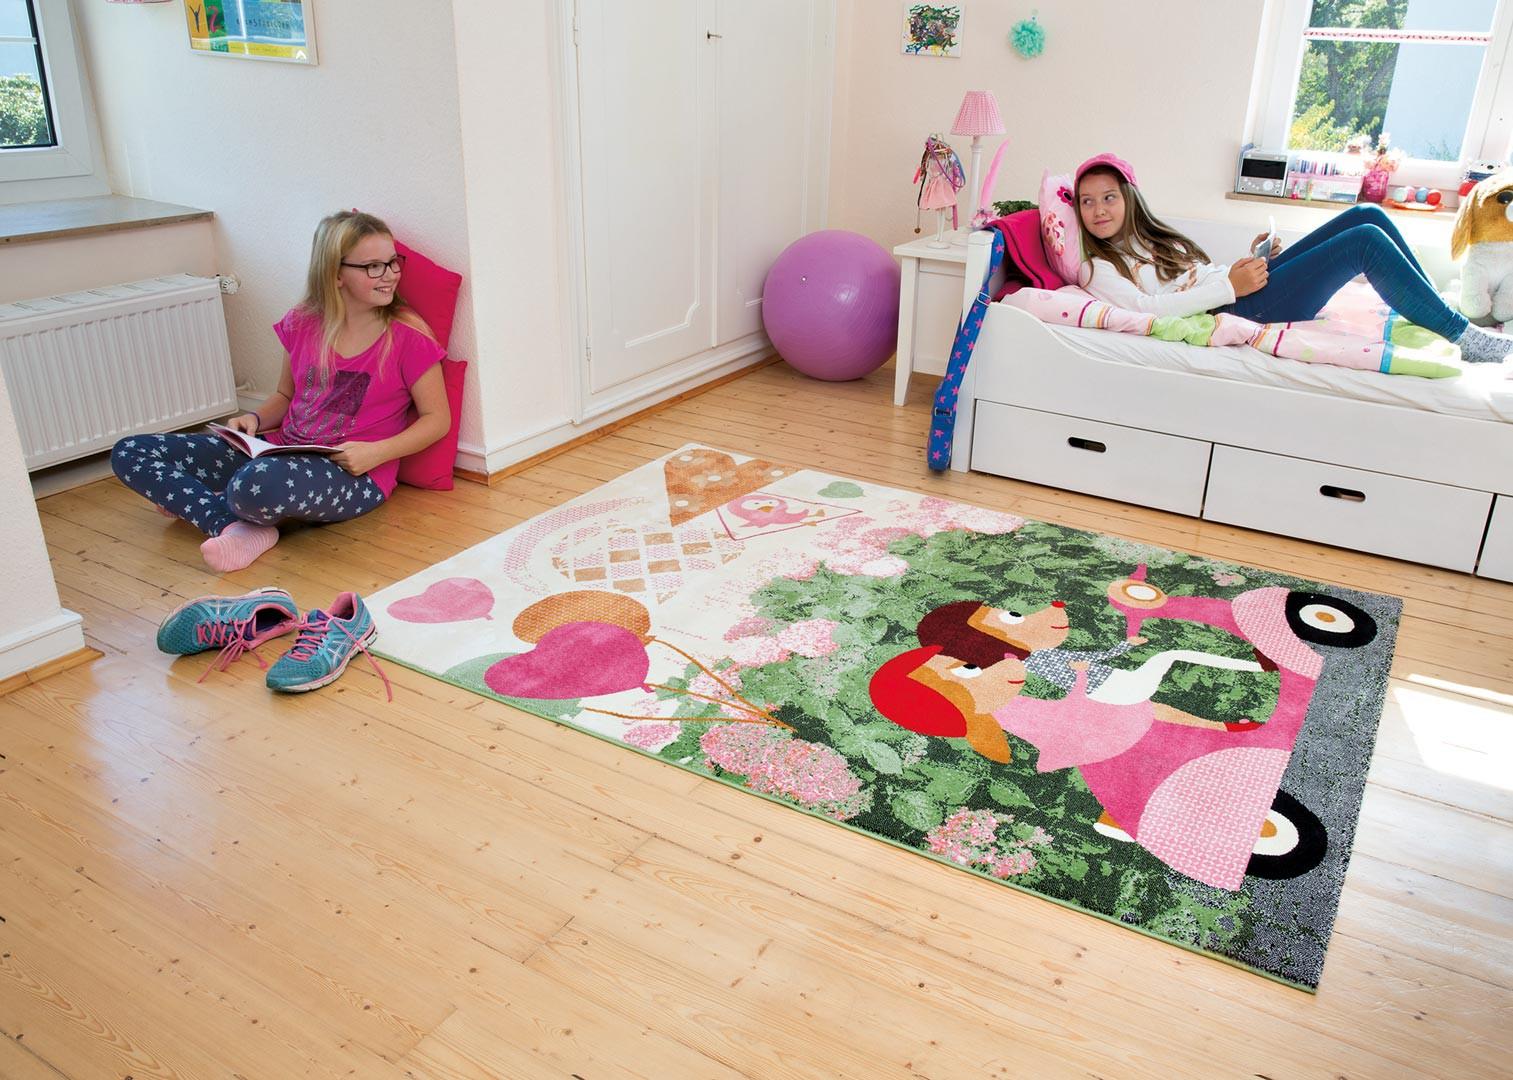 pour chambre d'enfant multicolore souris kids arte espina